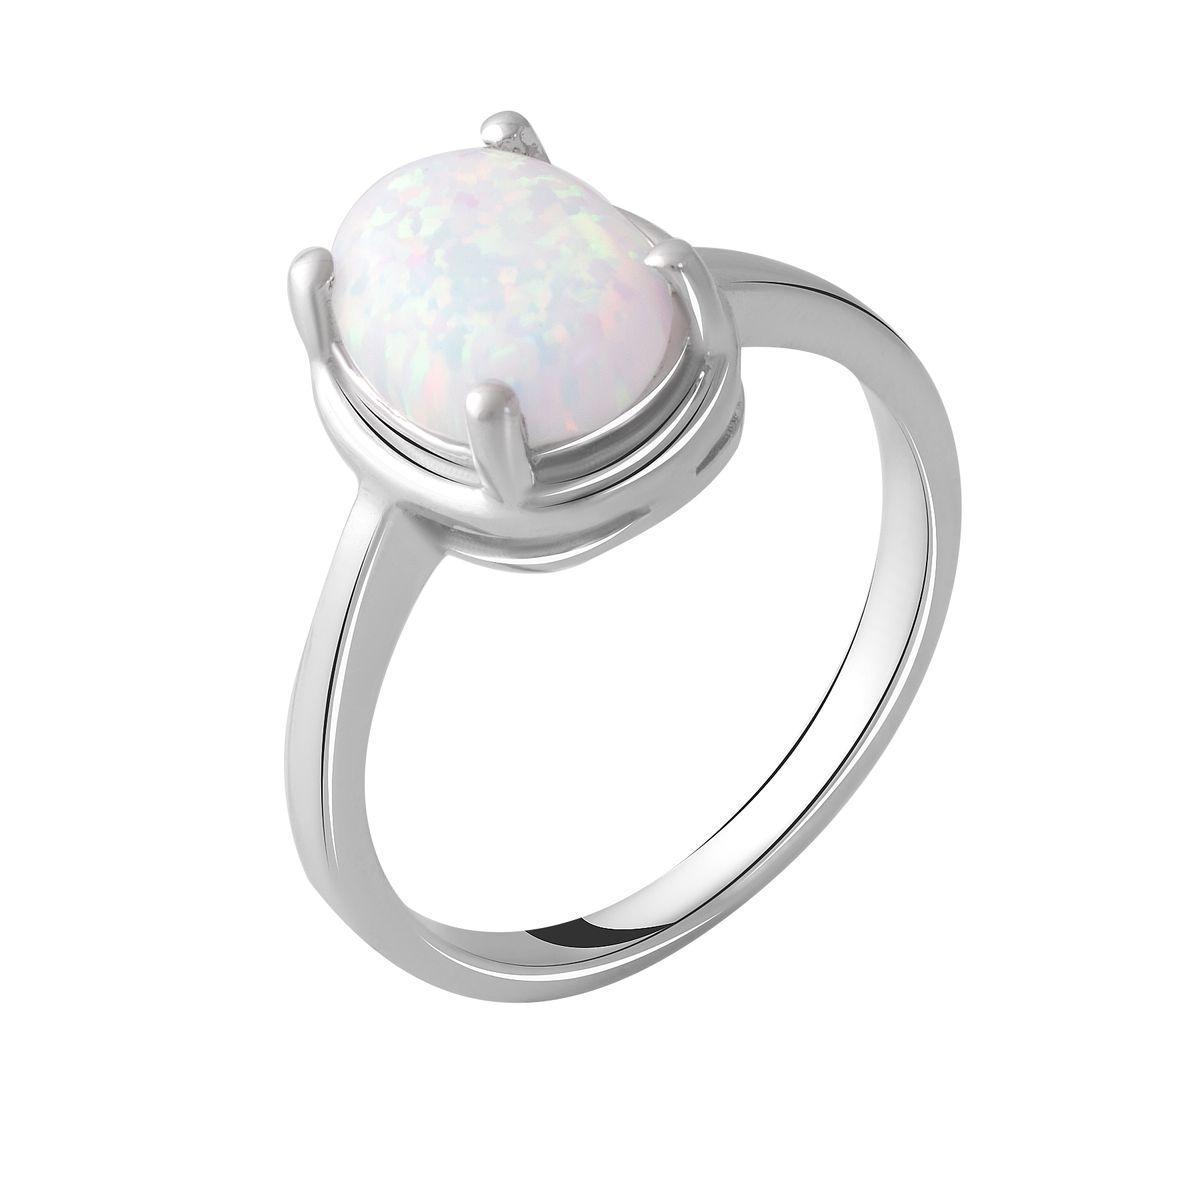 Серебряное кольцо DreamJewelry с опалом 1.538ct (2049883) 17.5 размер